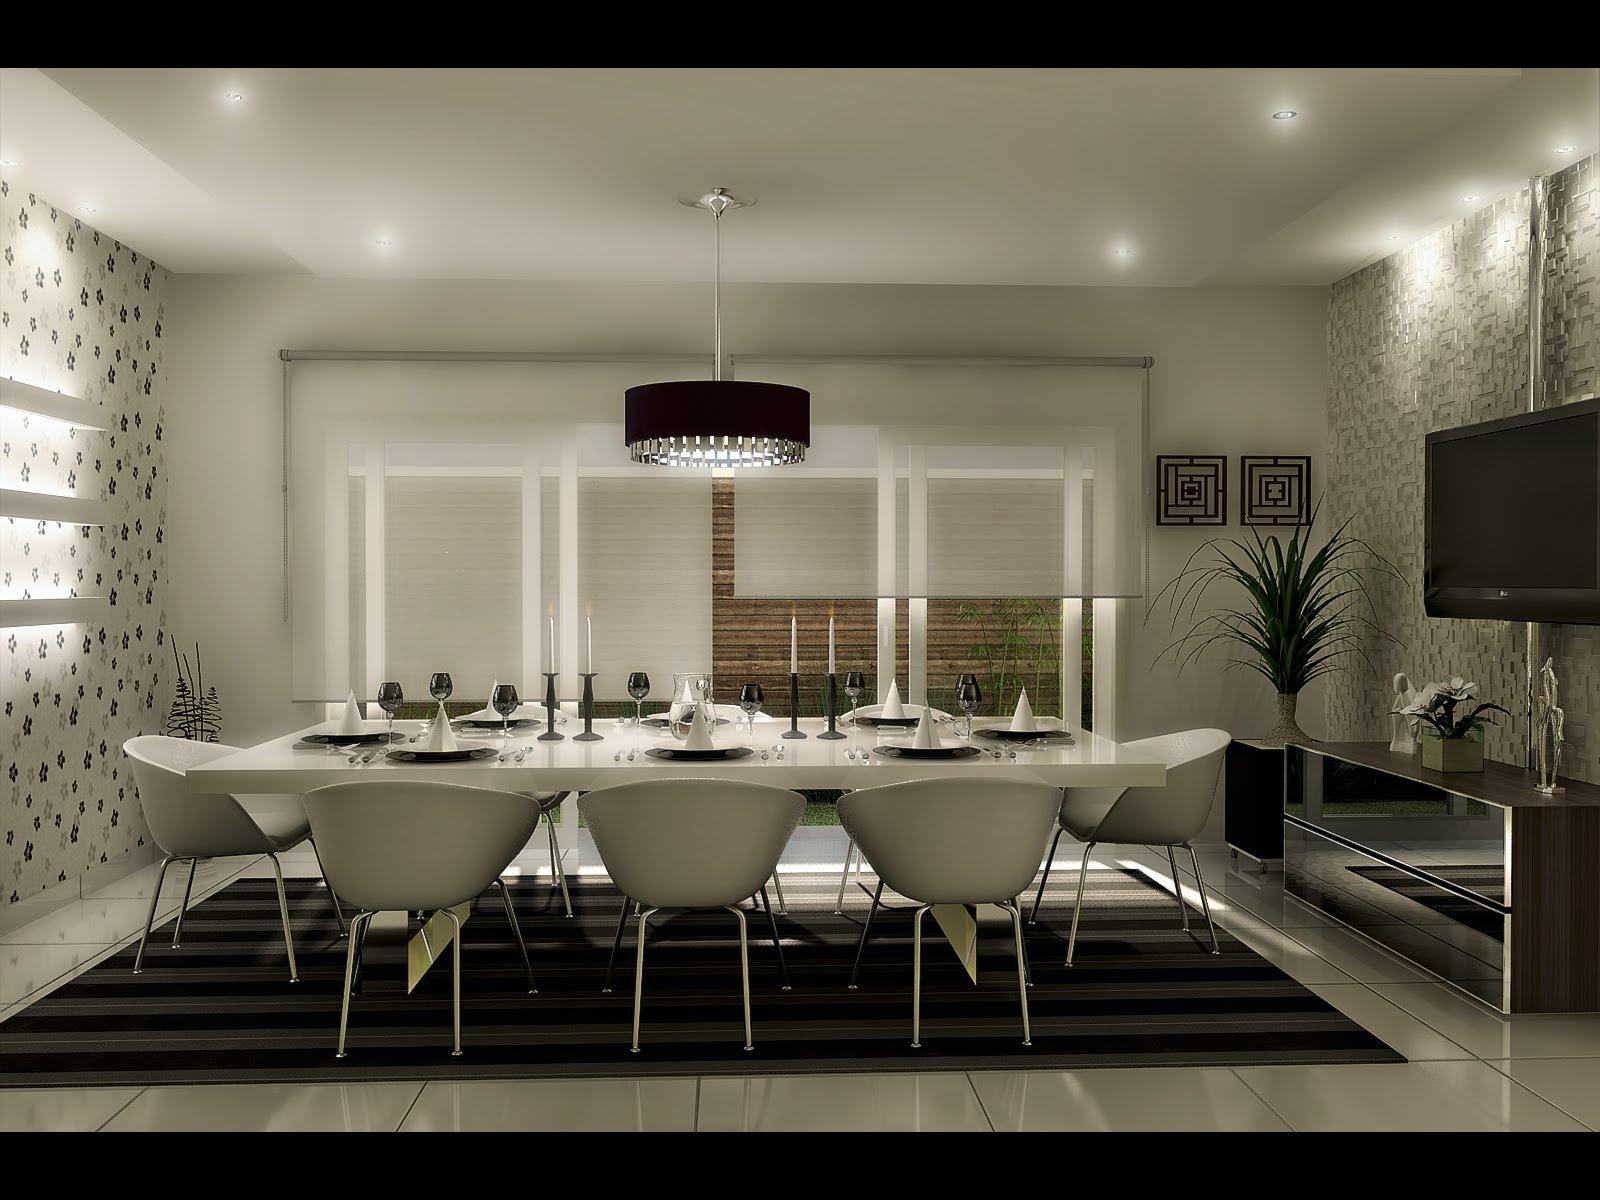 #515930 decoração para sala de jantar decoração para sala de jantar 1600x1200 píxeis em Decoração De Sala De Jantar Com Tecido